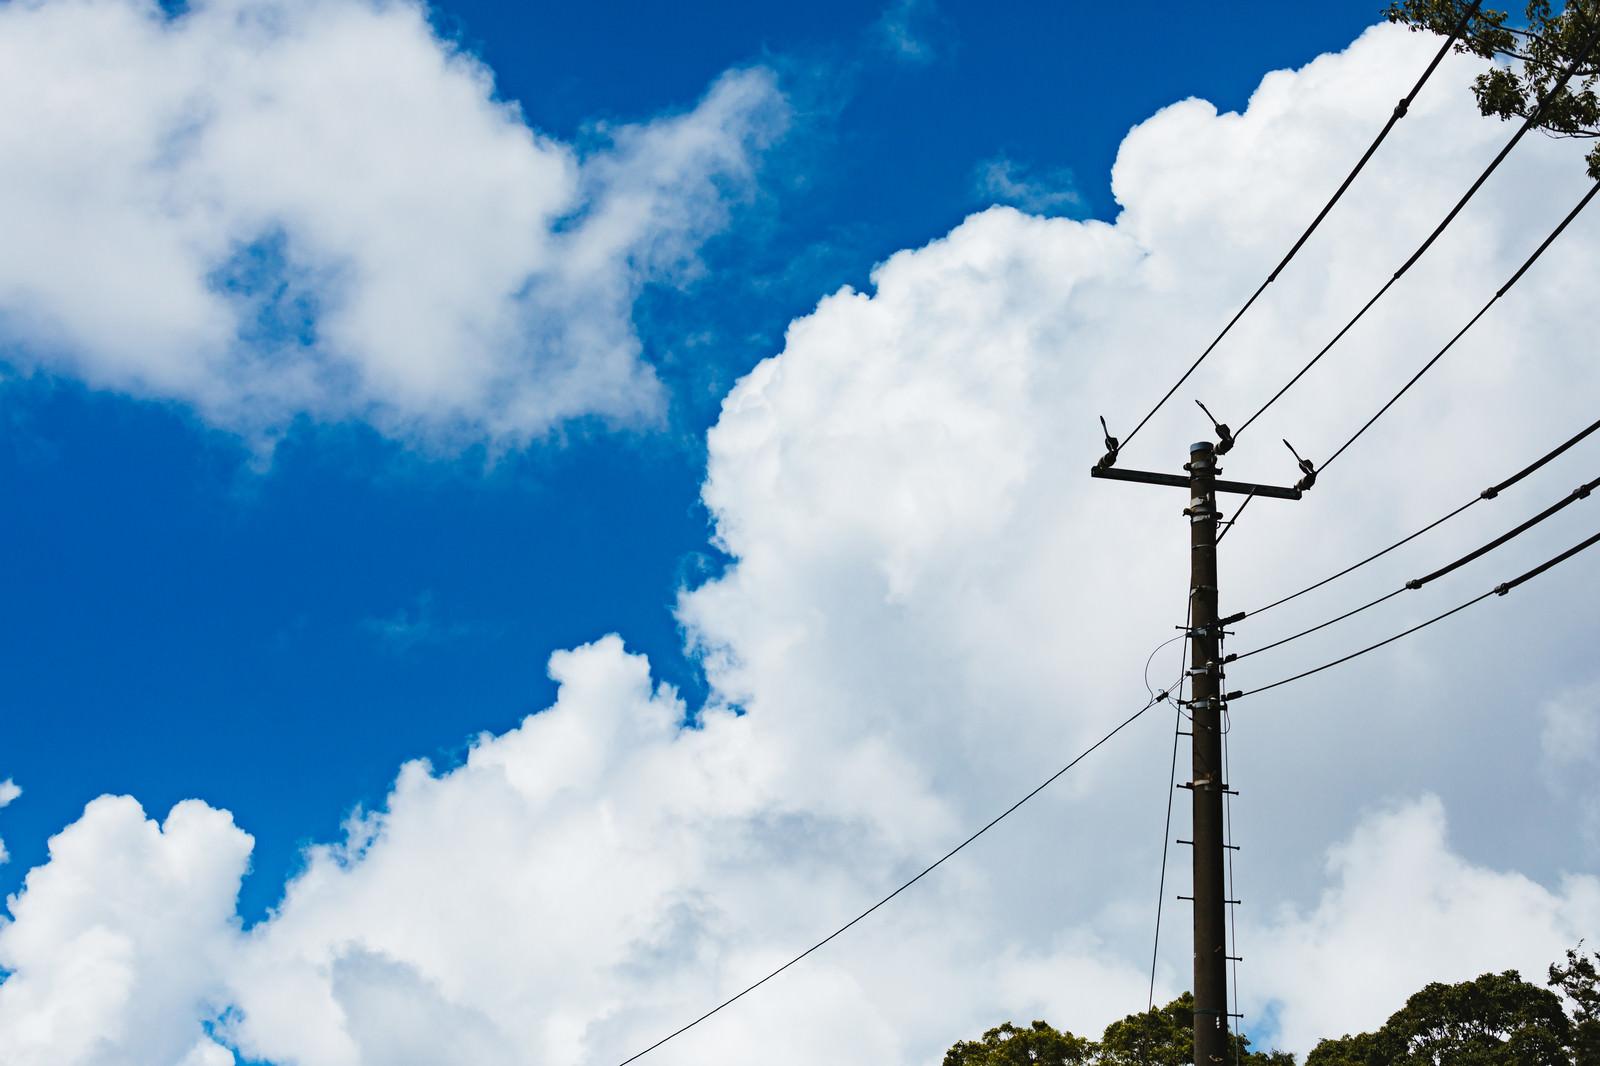 「晴天と積乱雲と電柱晴天と積乱雲と電柱」のフリー写真素材を拡大